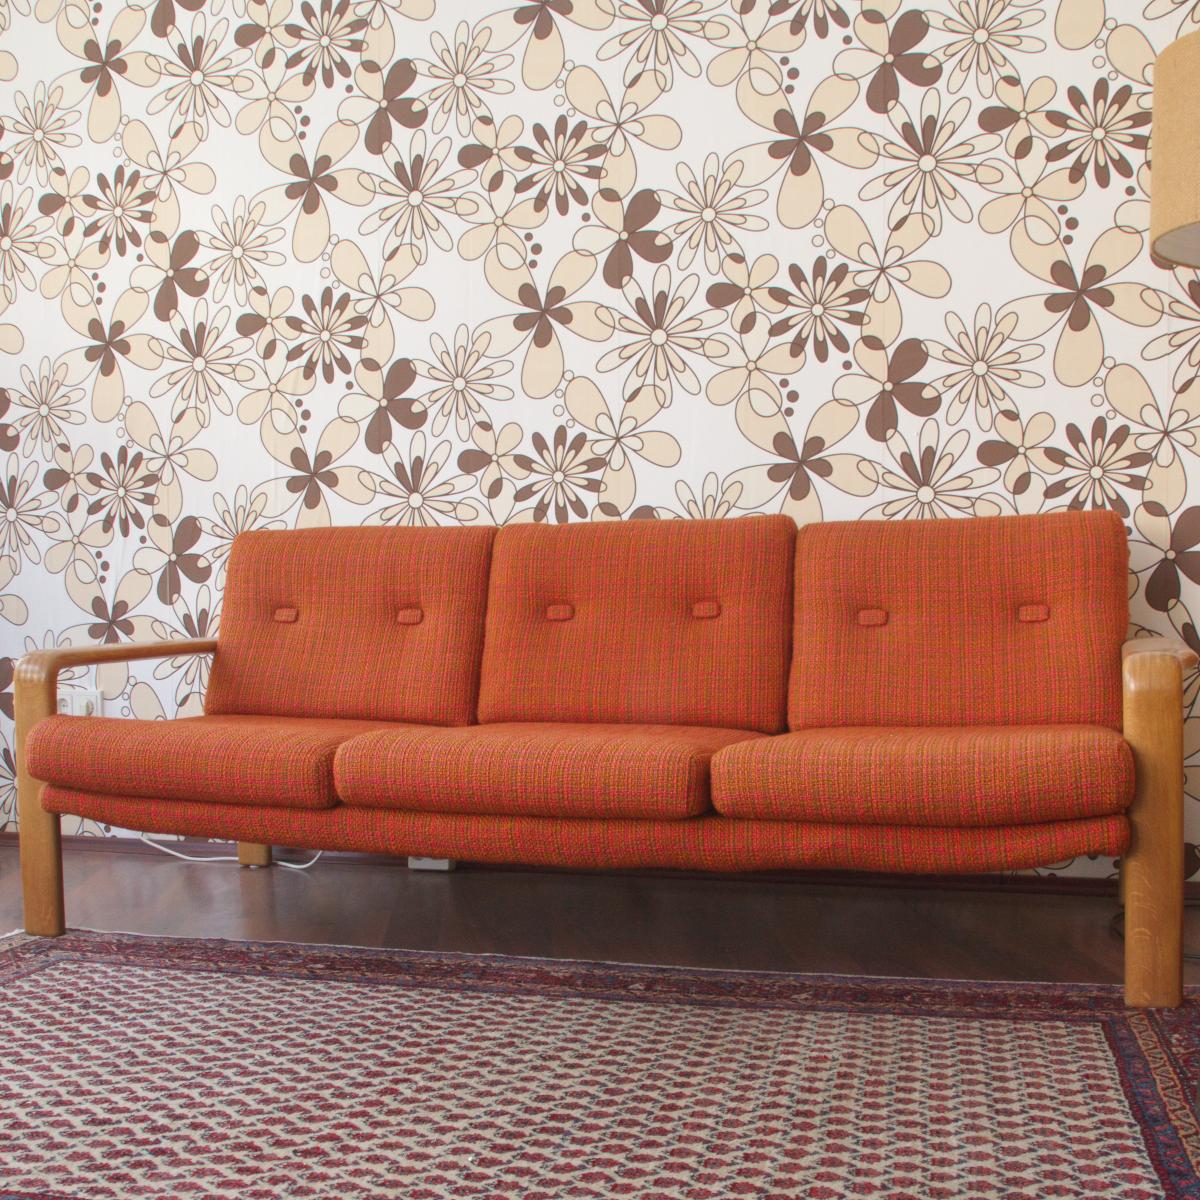 Midcentury Garnitur Sofa & 2 Sessel COUCHGARNITUR Eiche Danish Design 60er Jahre 0